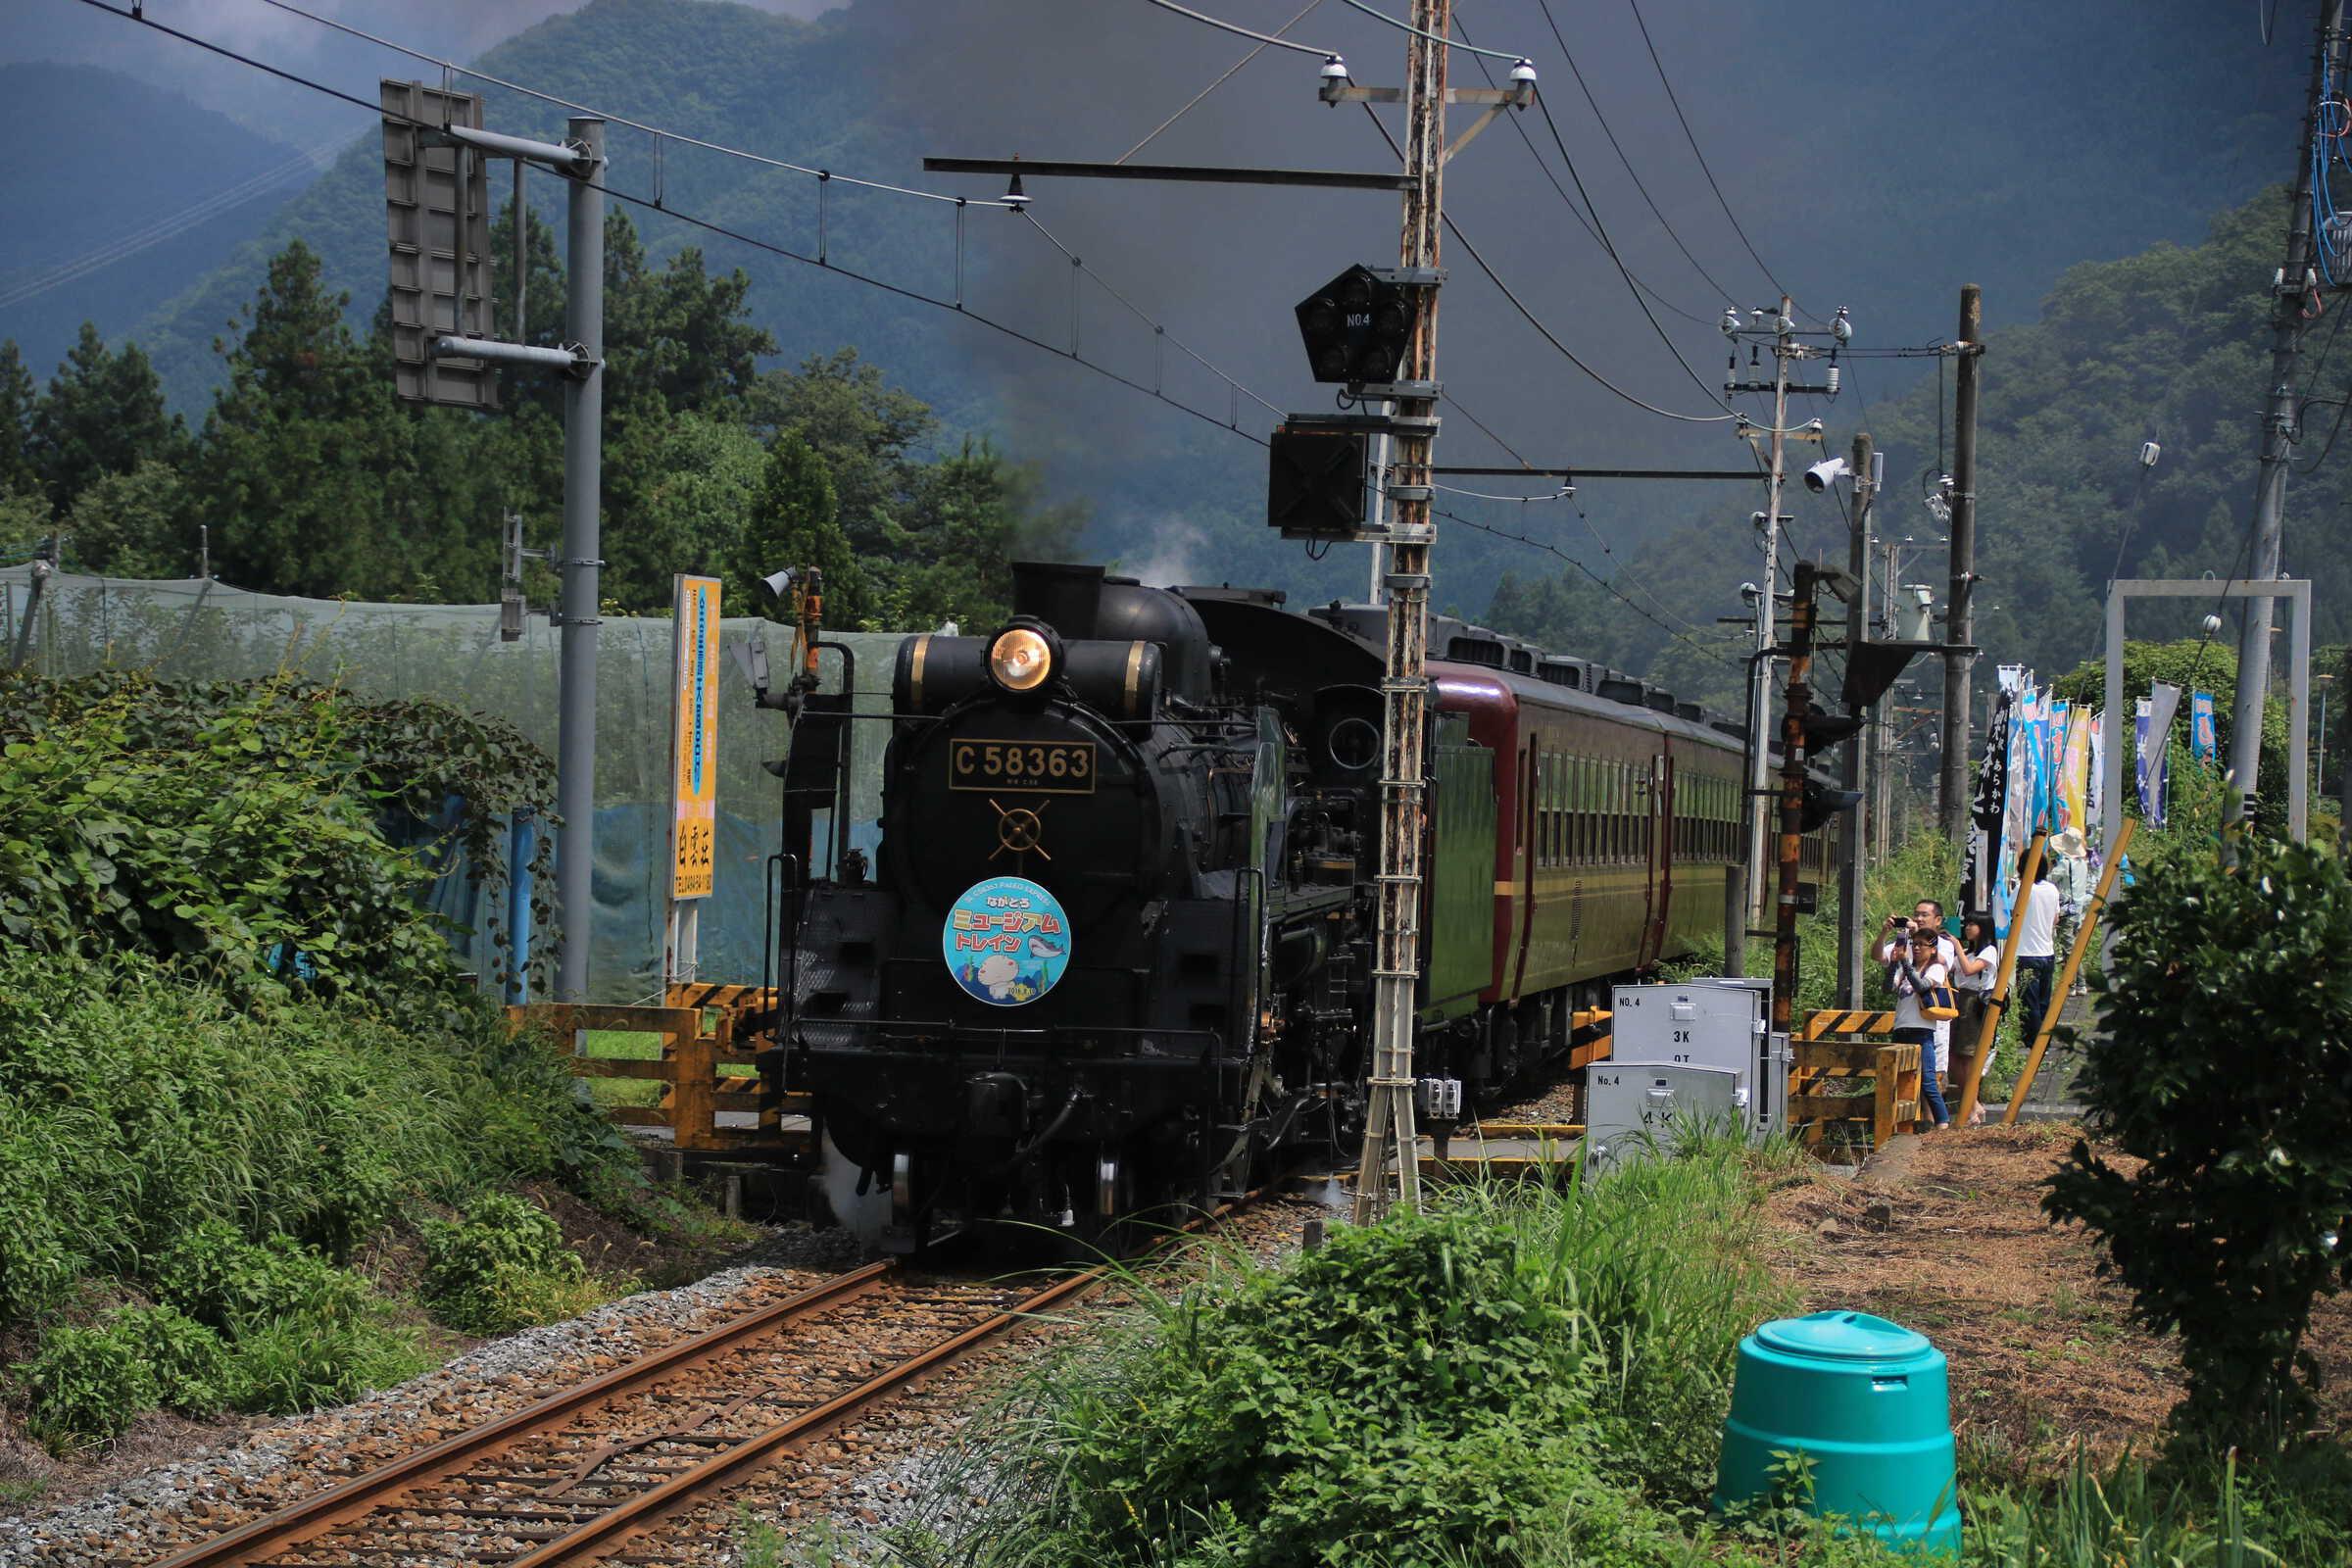 5001列車 C58363+12系客車4B